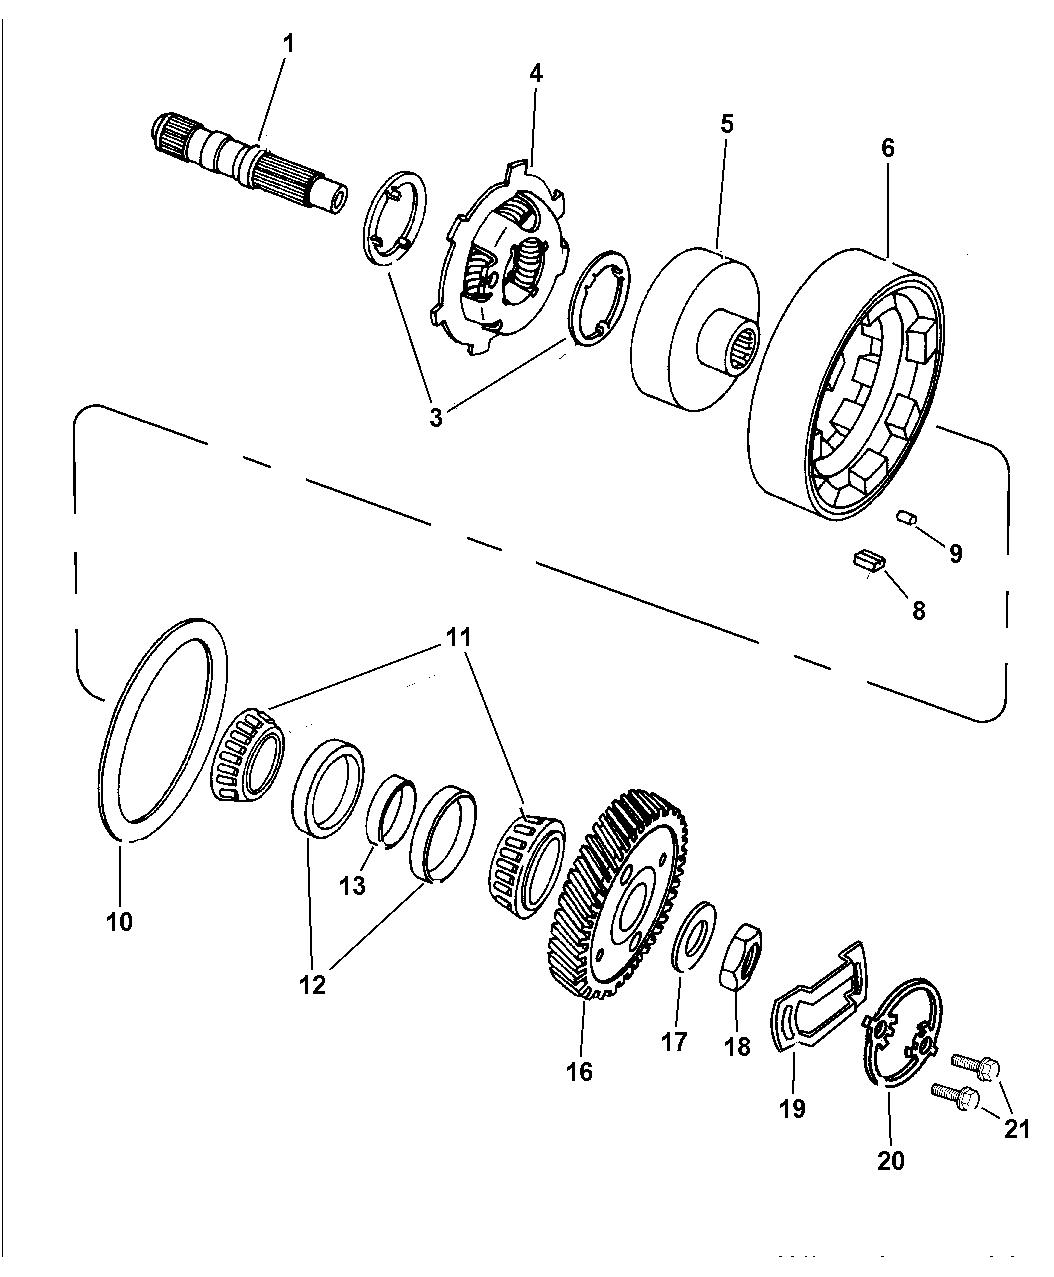 5222137 - Genuine Mopar